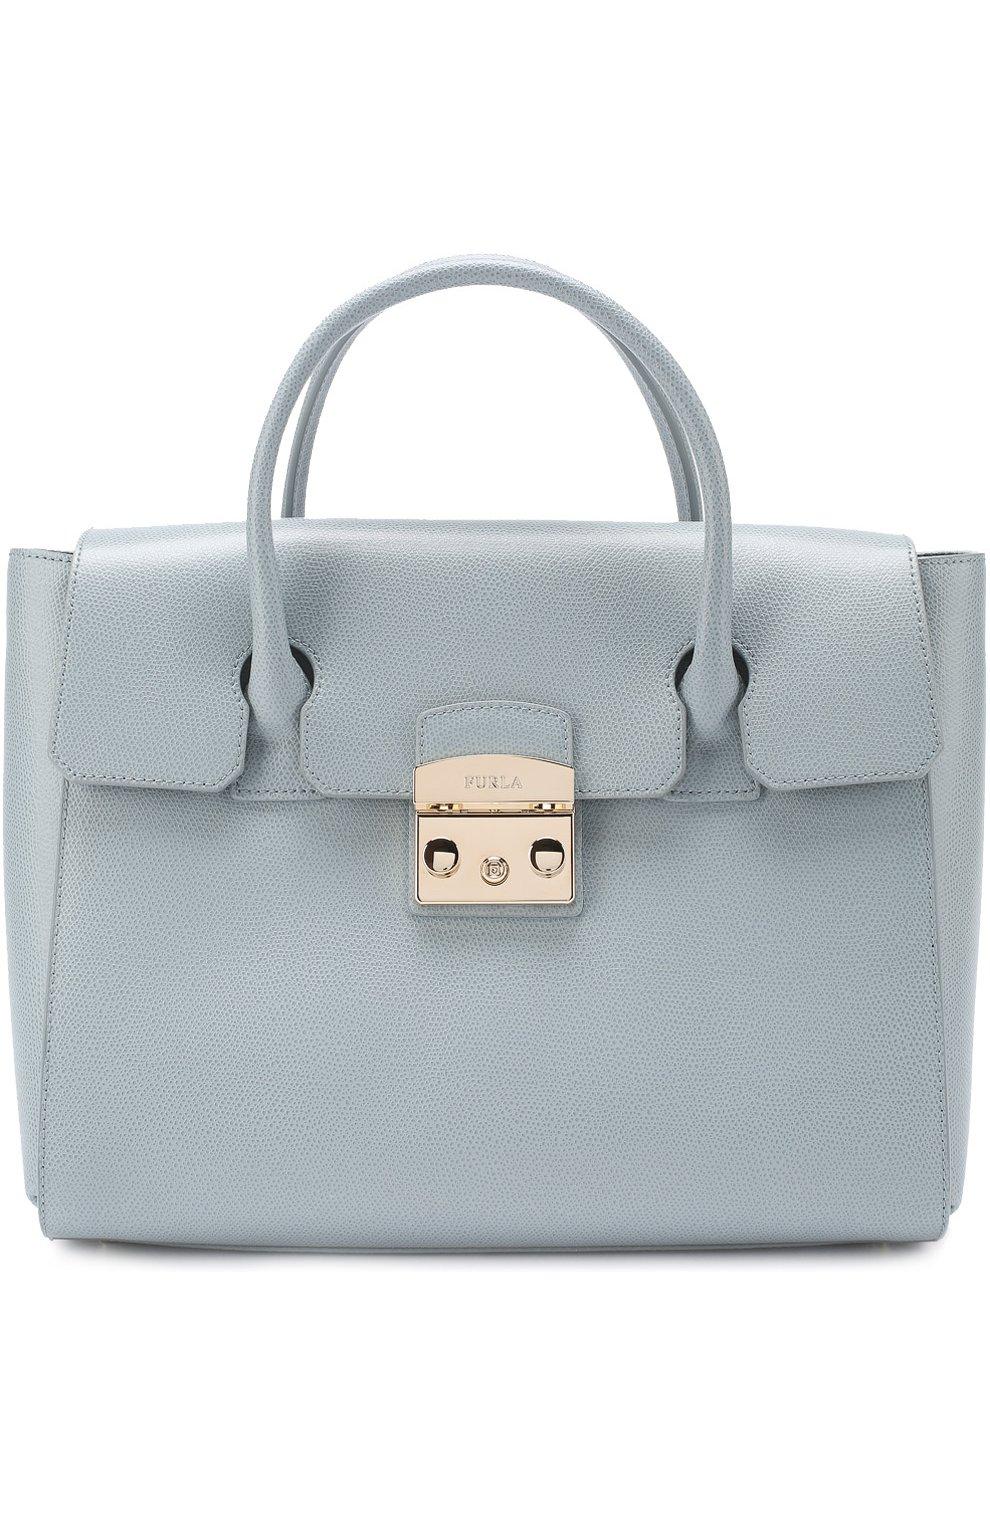 dcfd04fe2ec6 Женская сумка-тоут metropolis FURLA голубая цвета — купить за 33500 ...